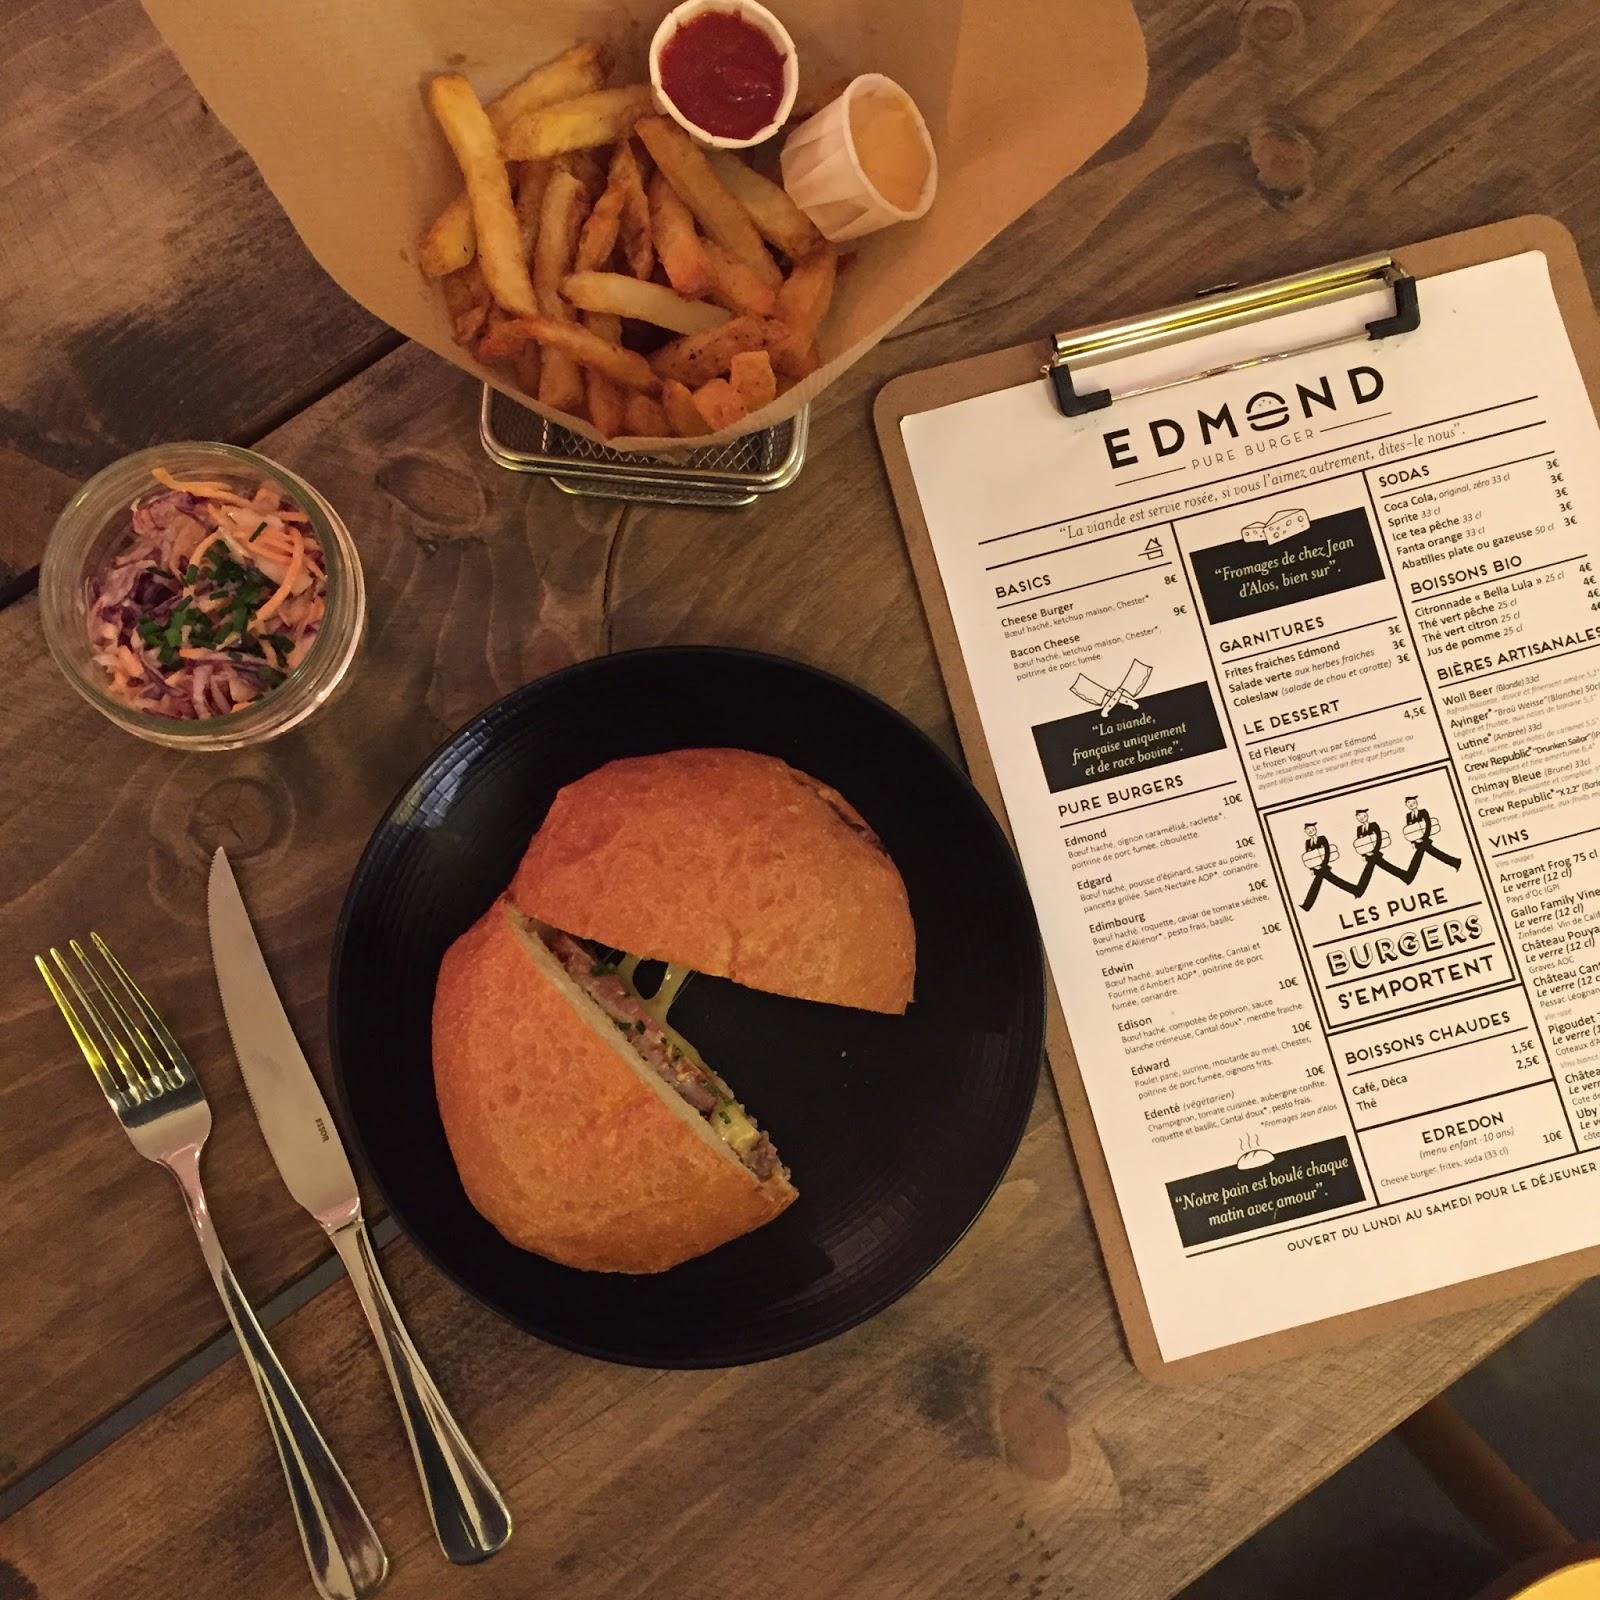 edmond pure burger le top des burgers bordeaux. Black Bedroom Furniture Sets. Home Design Ideas